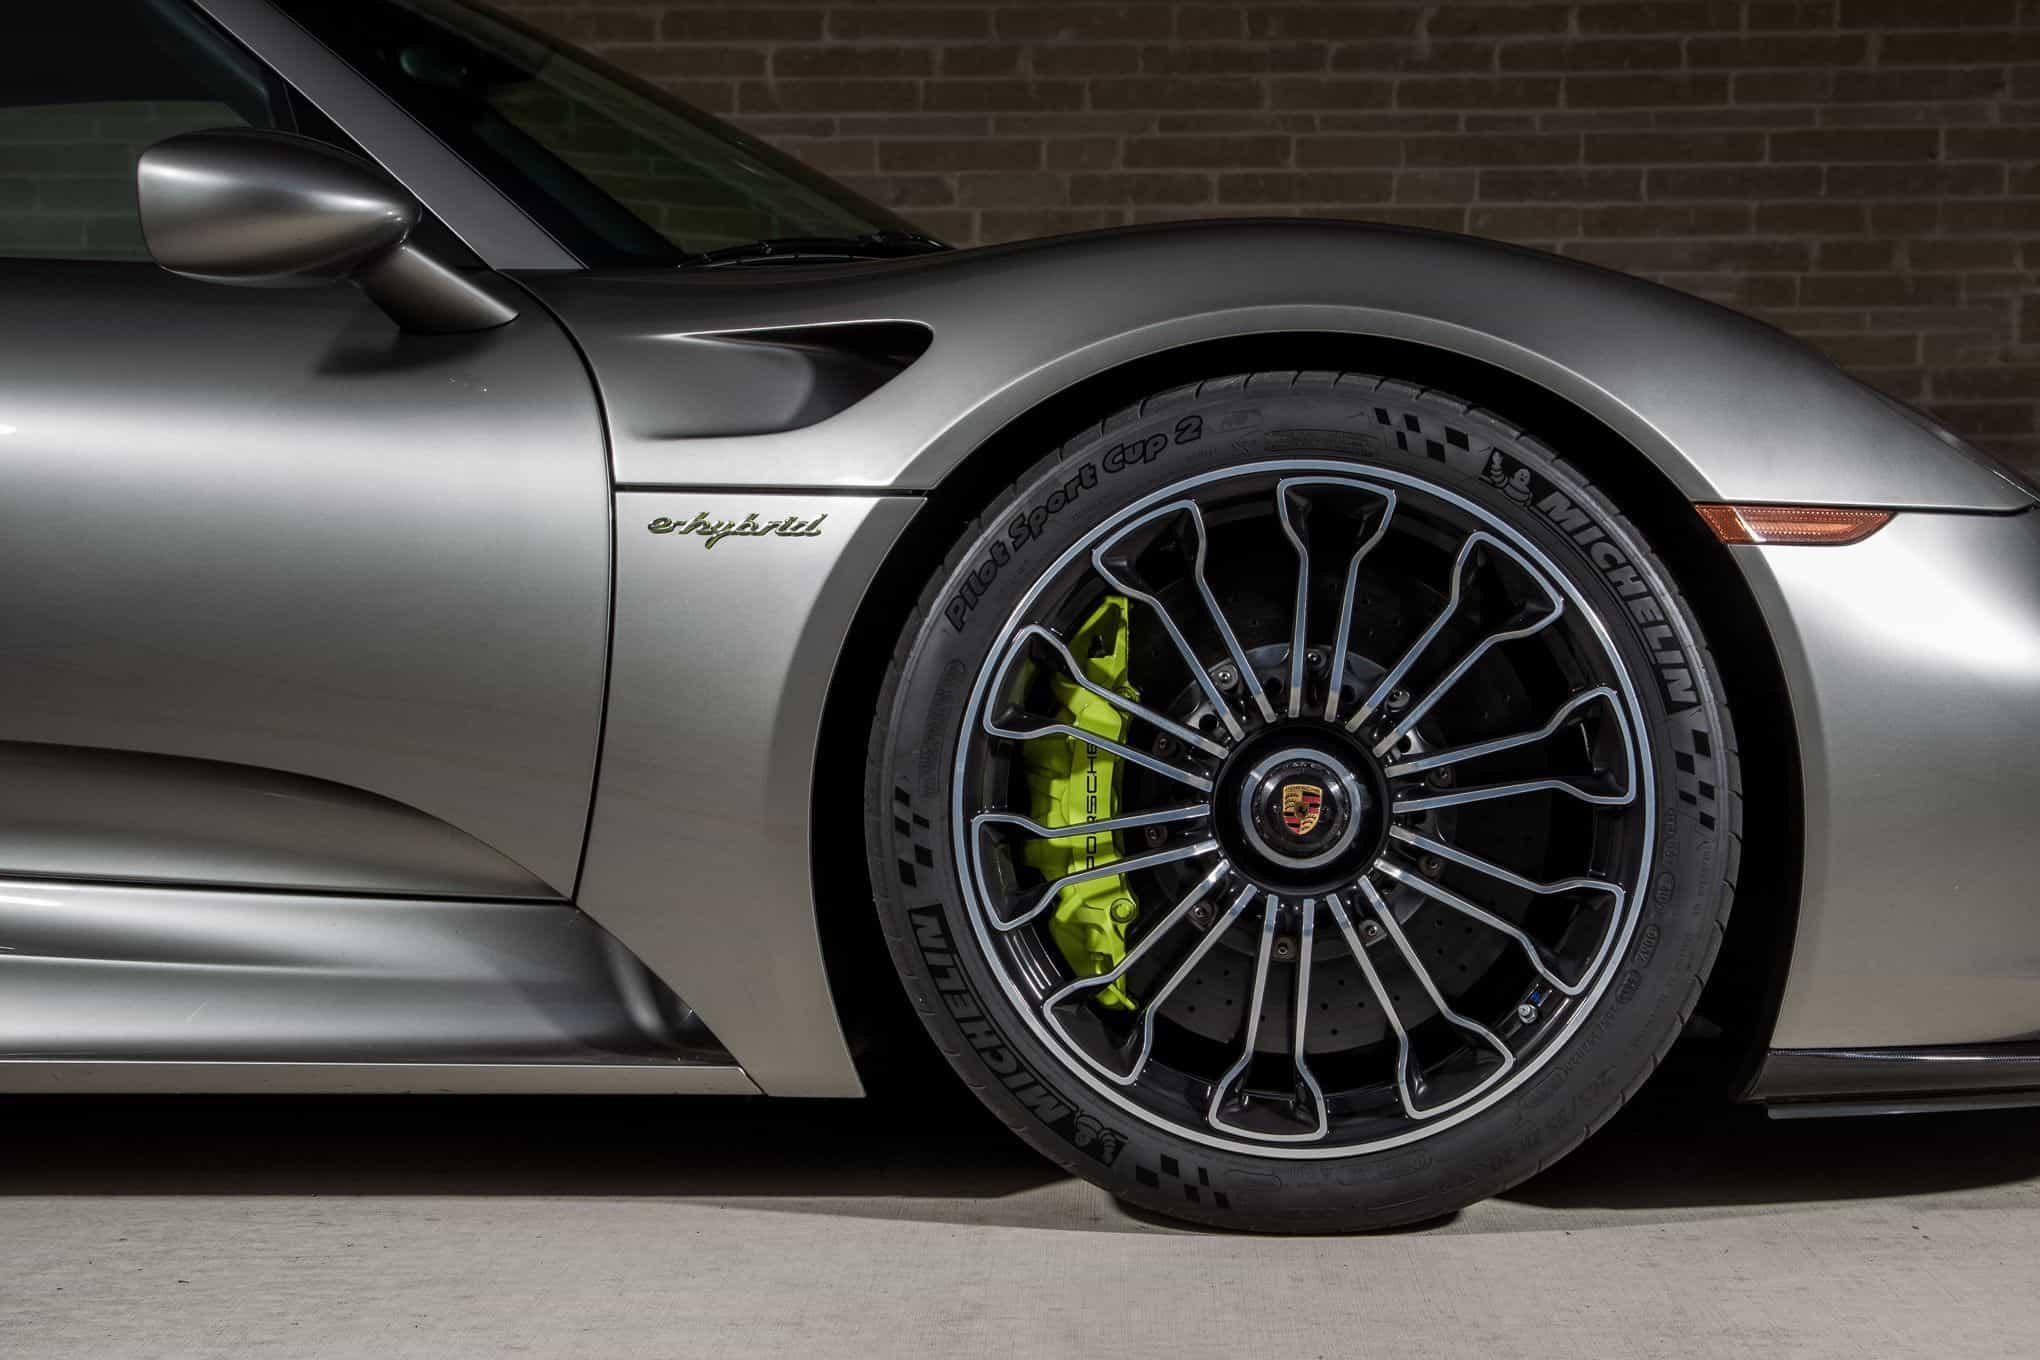 2015-Porsche-918-Spyder-wheels